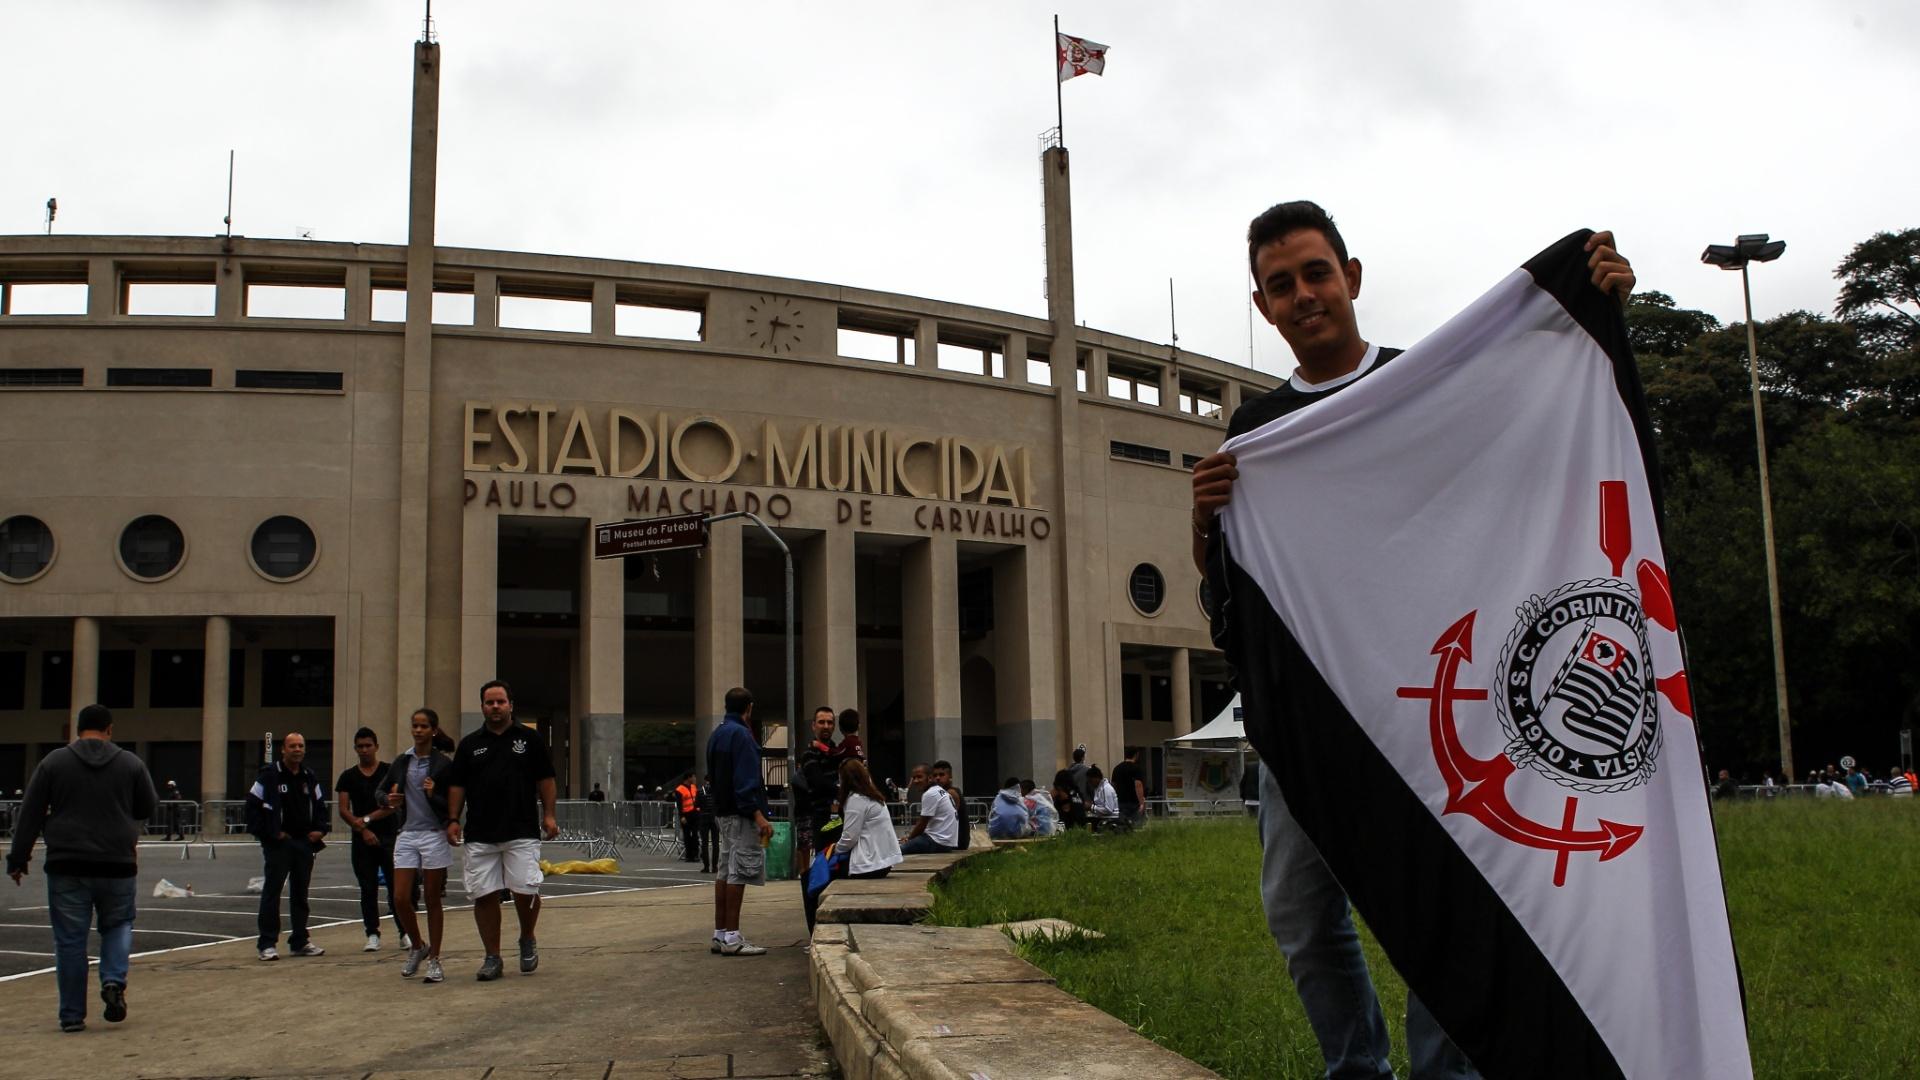 Torcedor do Corinthians exibe bandeira do clube na frente do portão principal do Pacaembu, antes do jogo contra o Atlético Sorocaba, pelo Campeonato Paulista